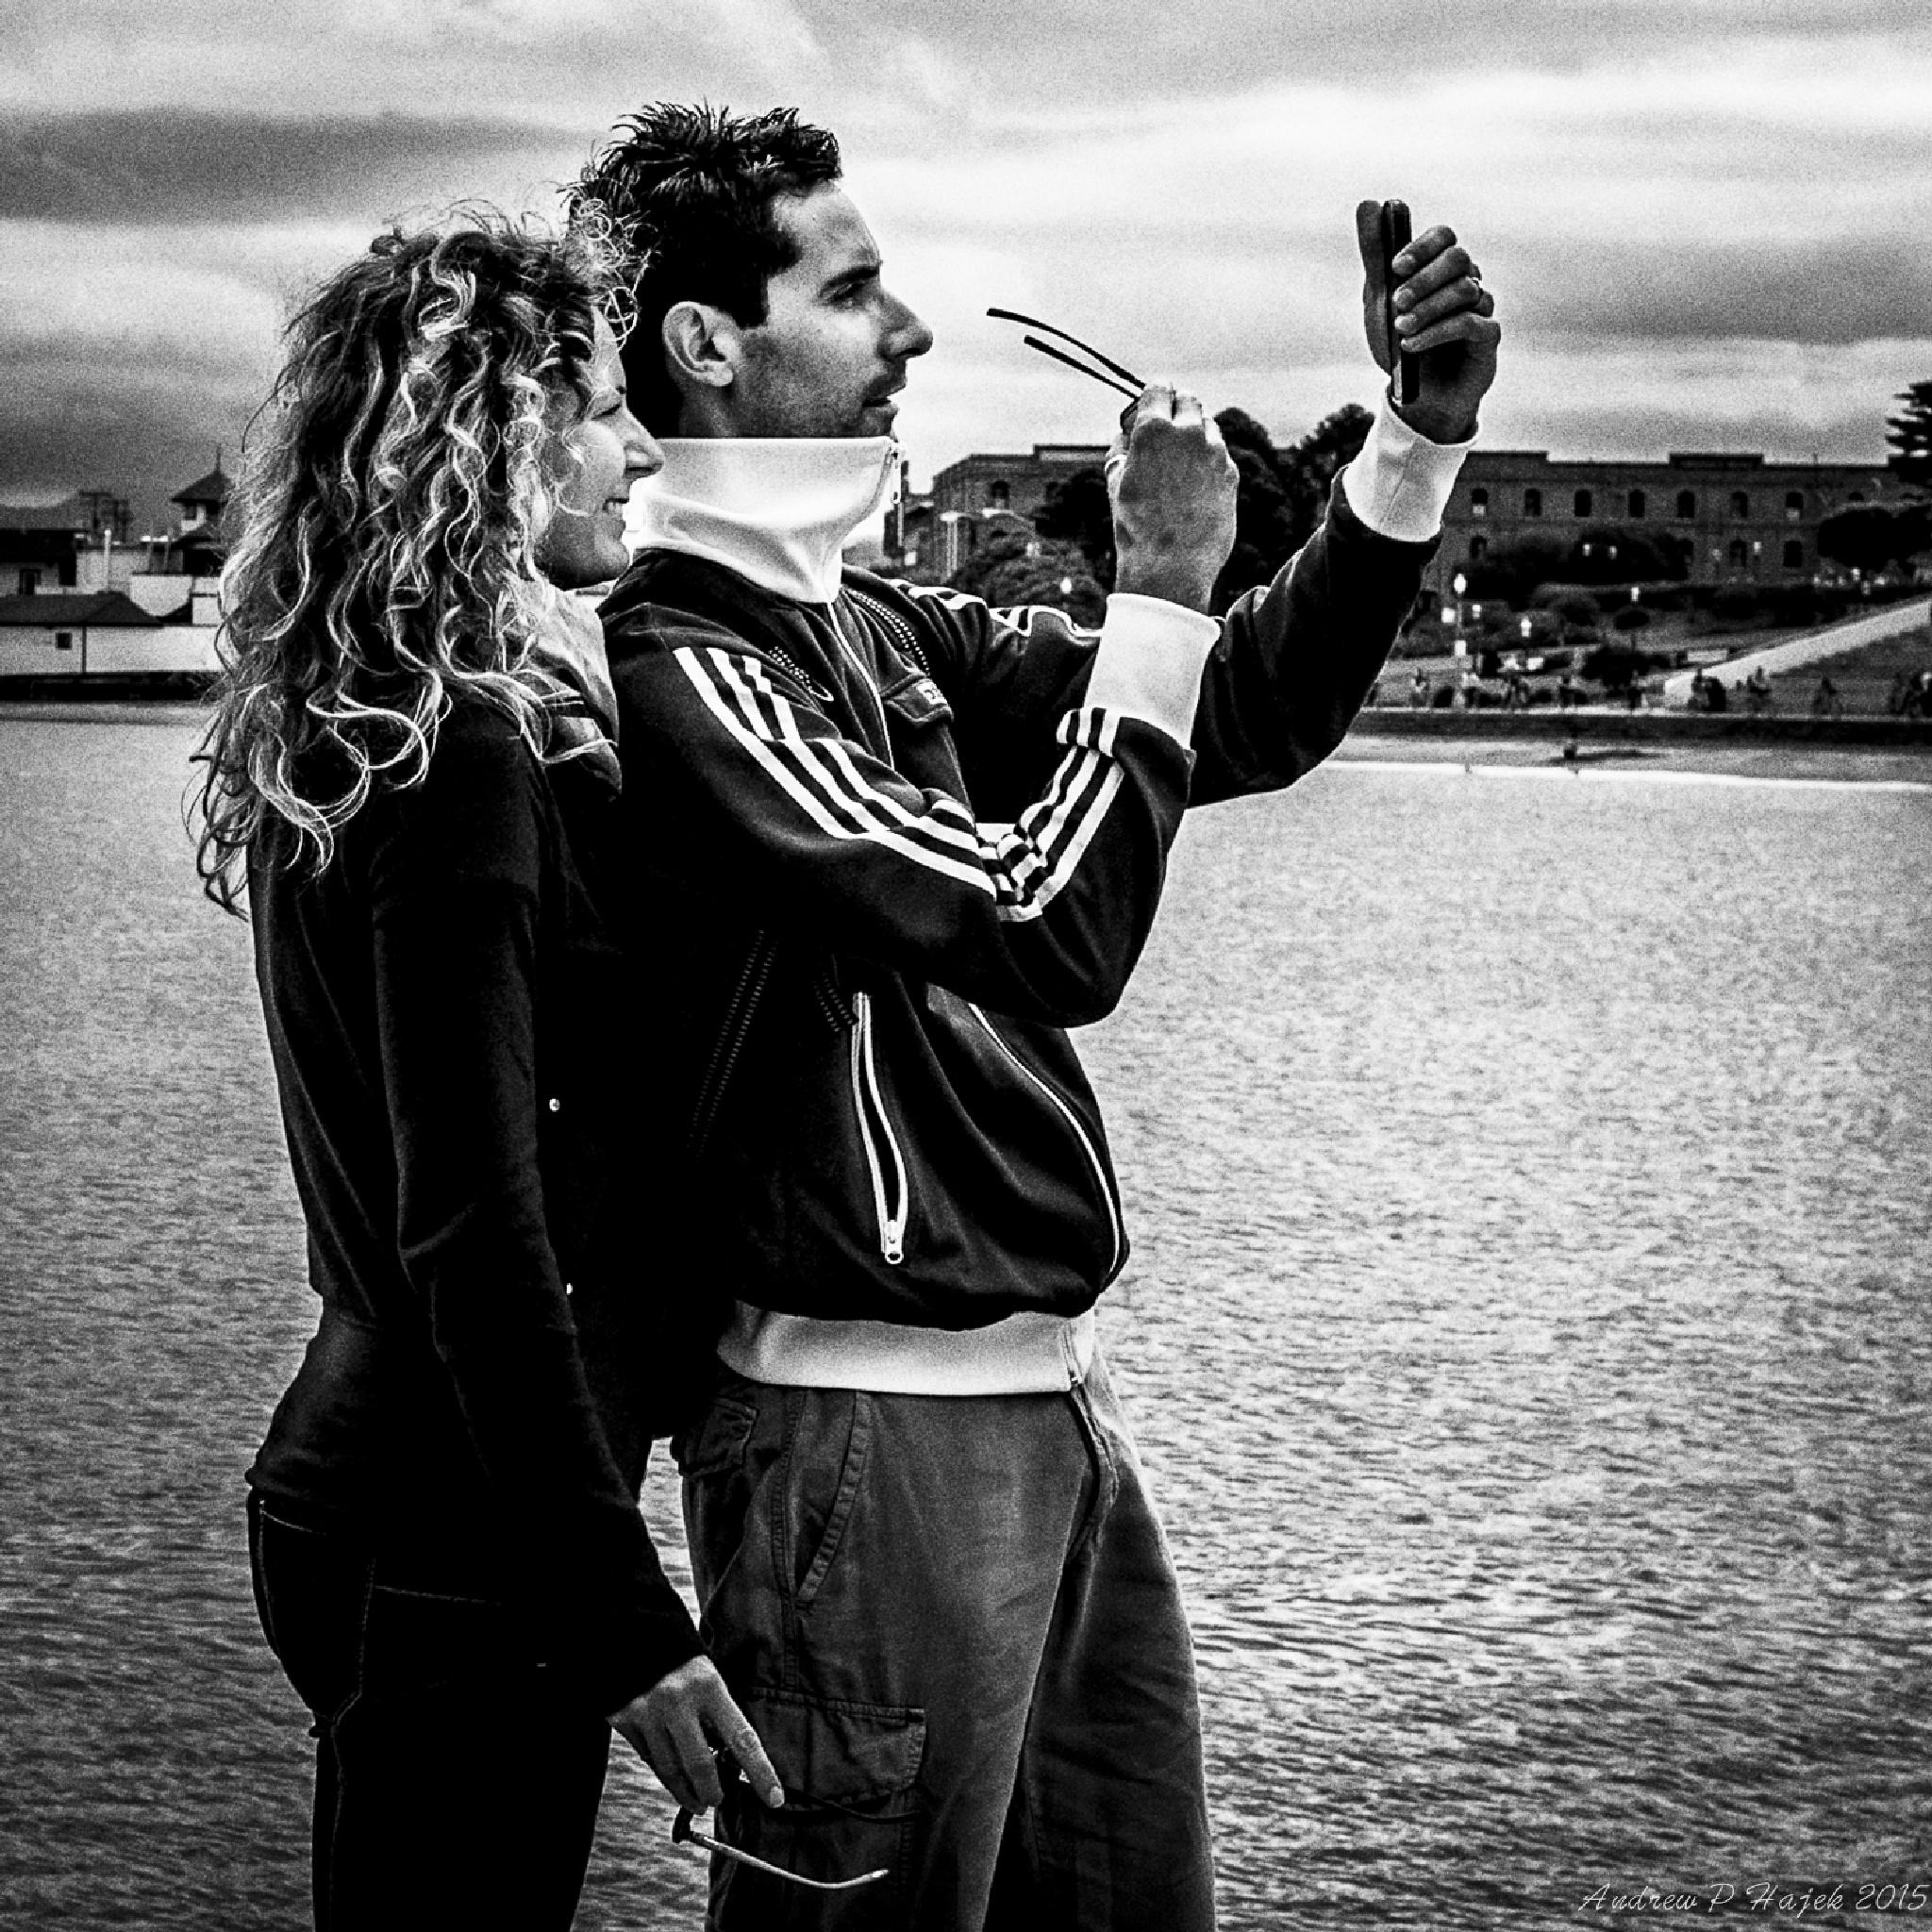 San Francisco Selfie by HajekPhotography